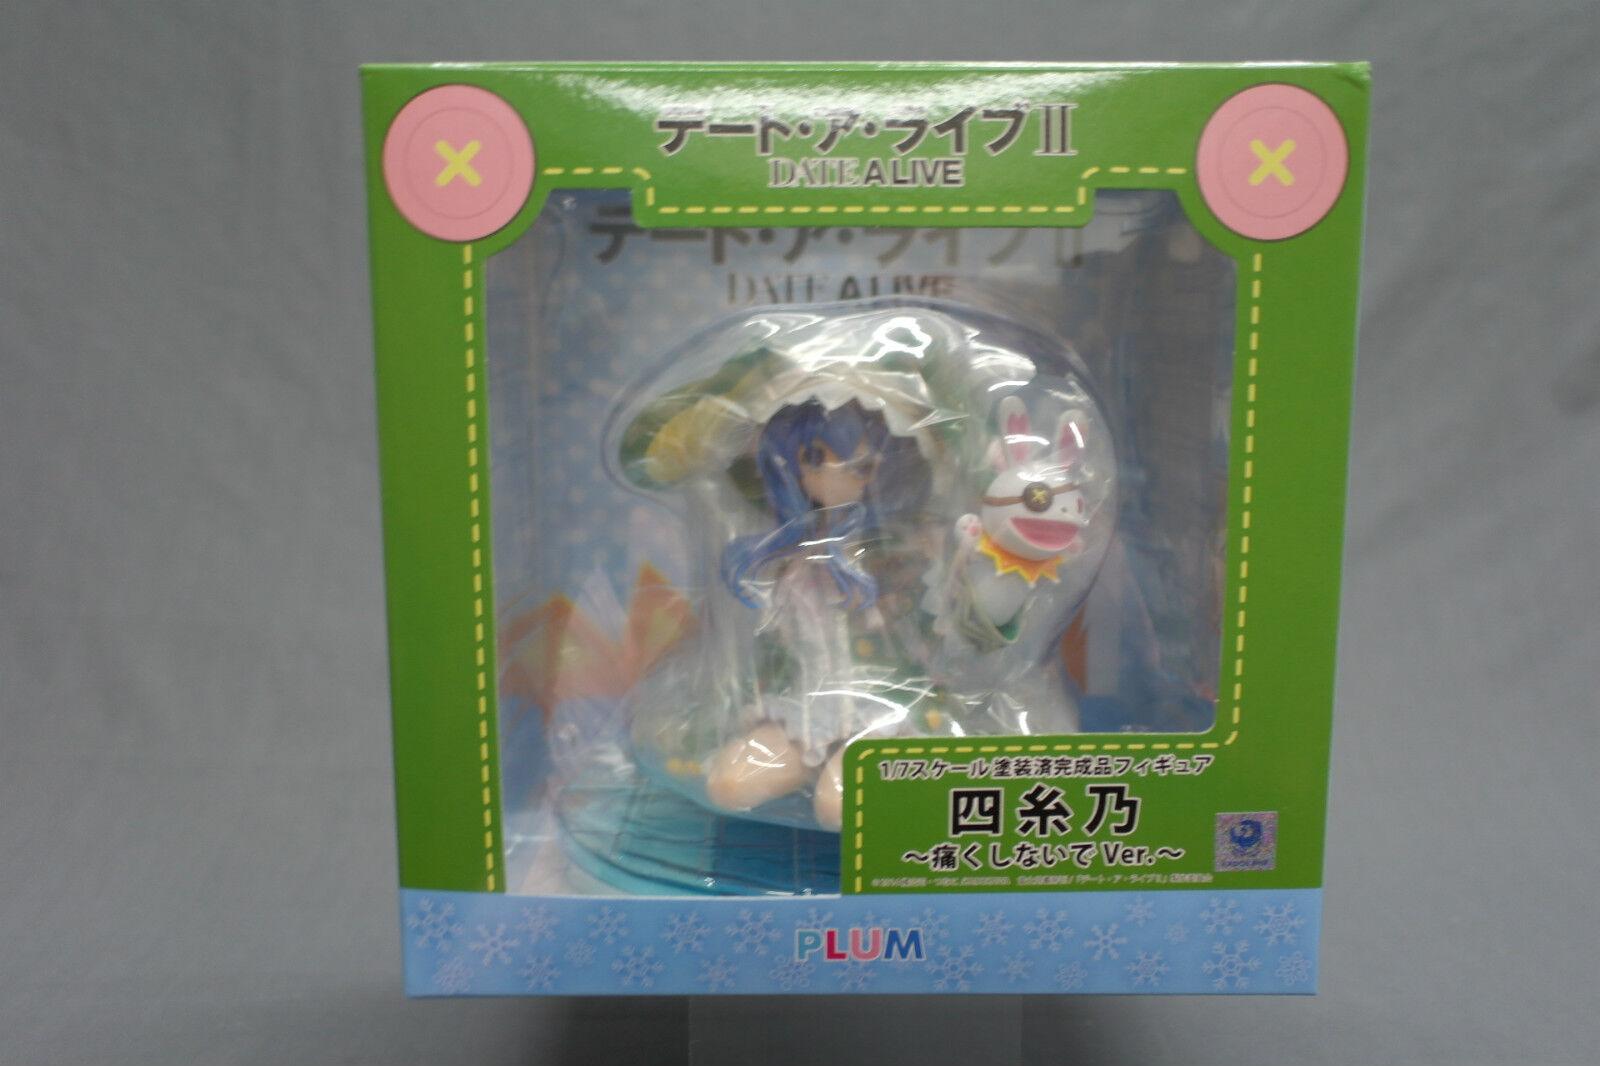 Date A Live II Yoshino Itakushinaide Ver 1 7 Plum Japanese Version New